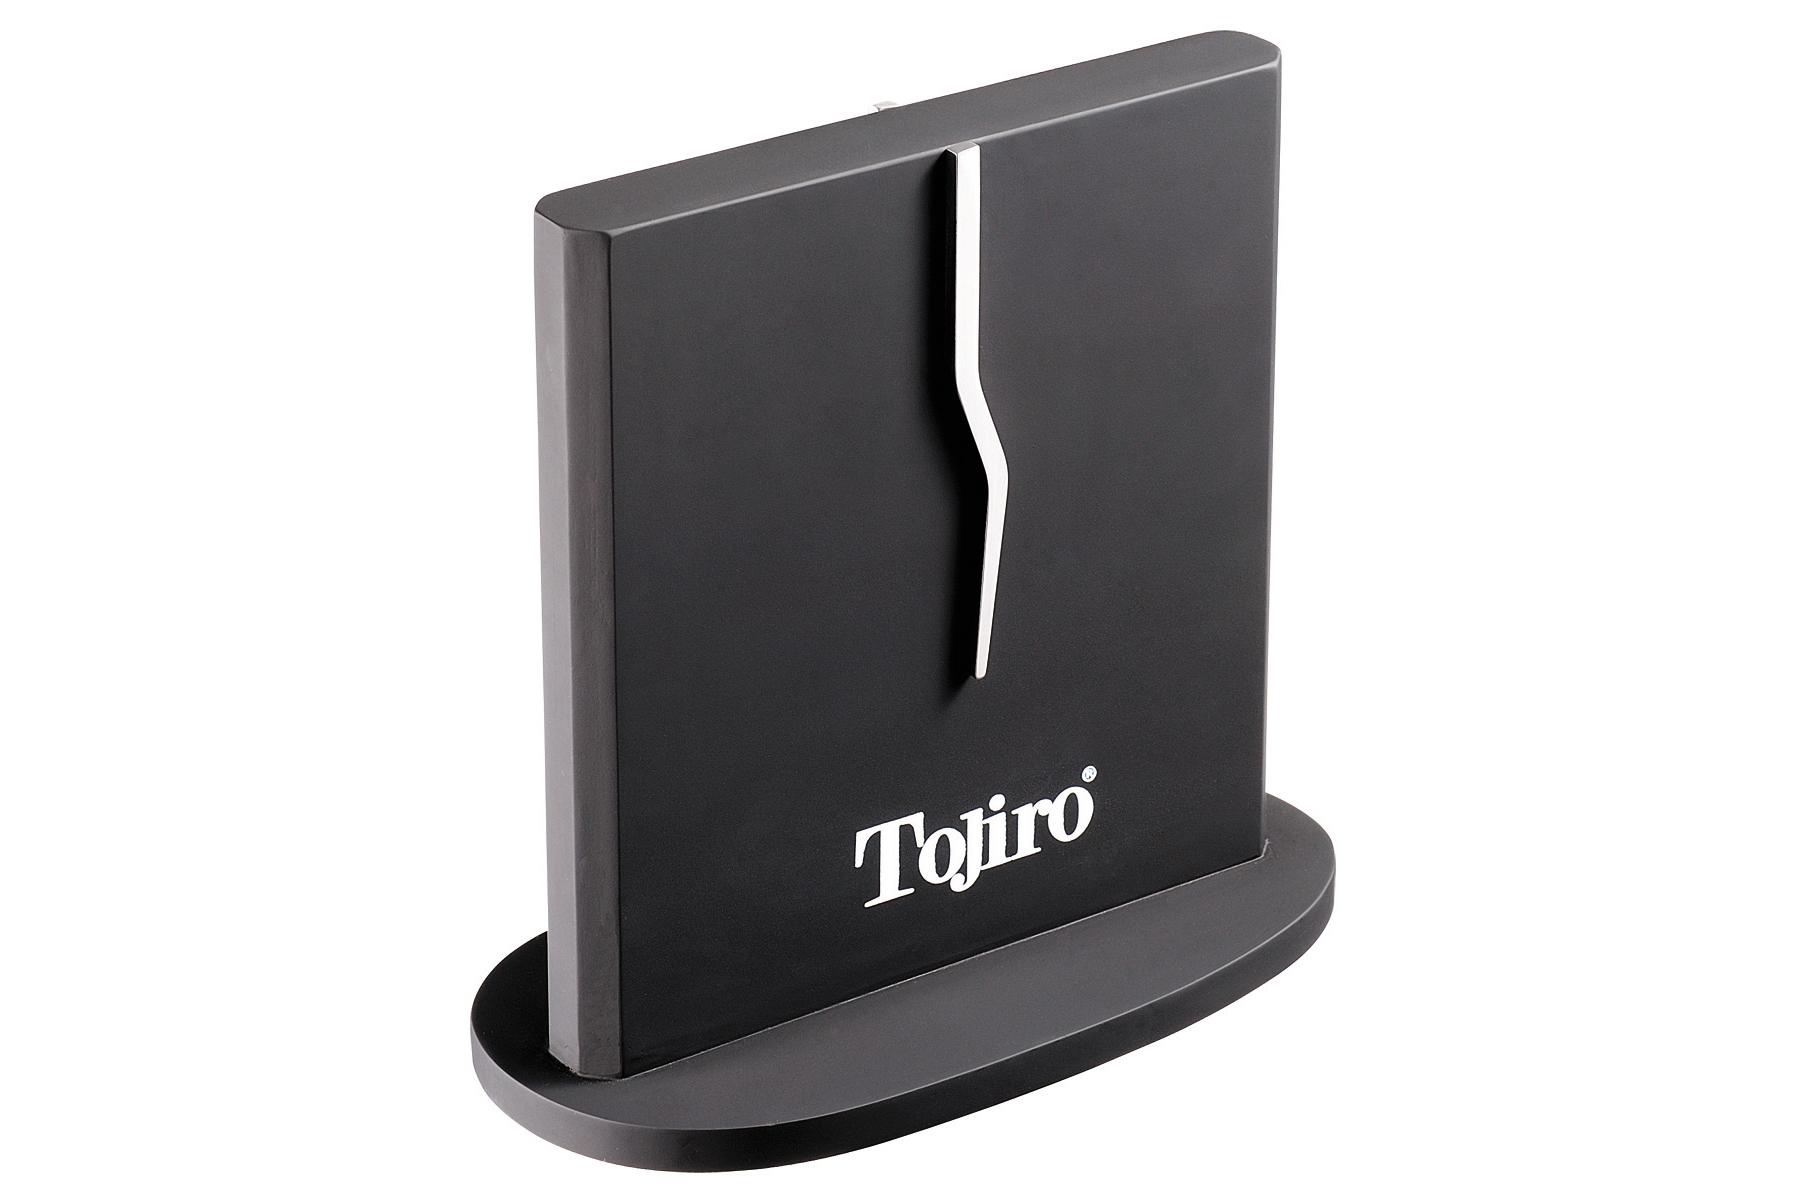 Магнитный стенд для стальных ножей Tojiro F-360Магнитные держатели для ножей<br>Двусторонняя магнитная подставка, вмещает до восьми ножей (по четыре с каждой стороны).<br>